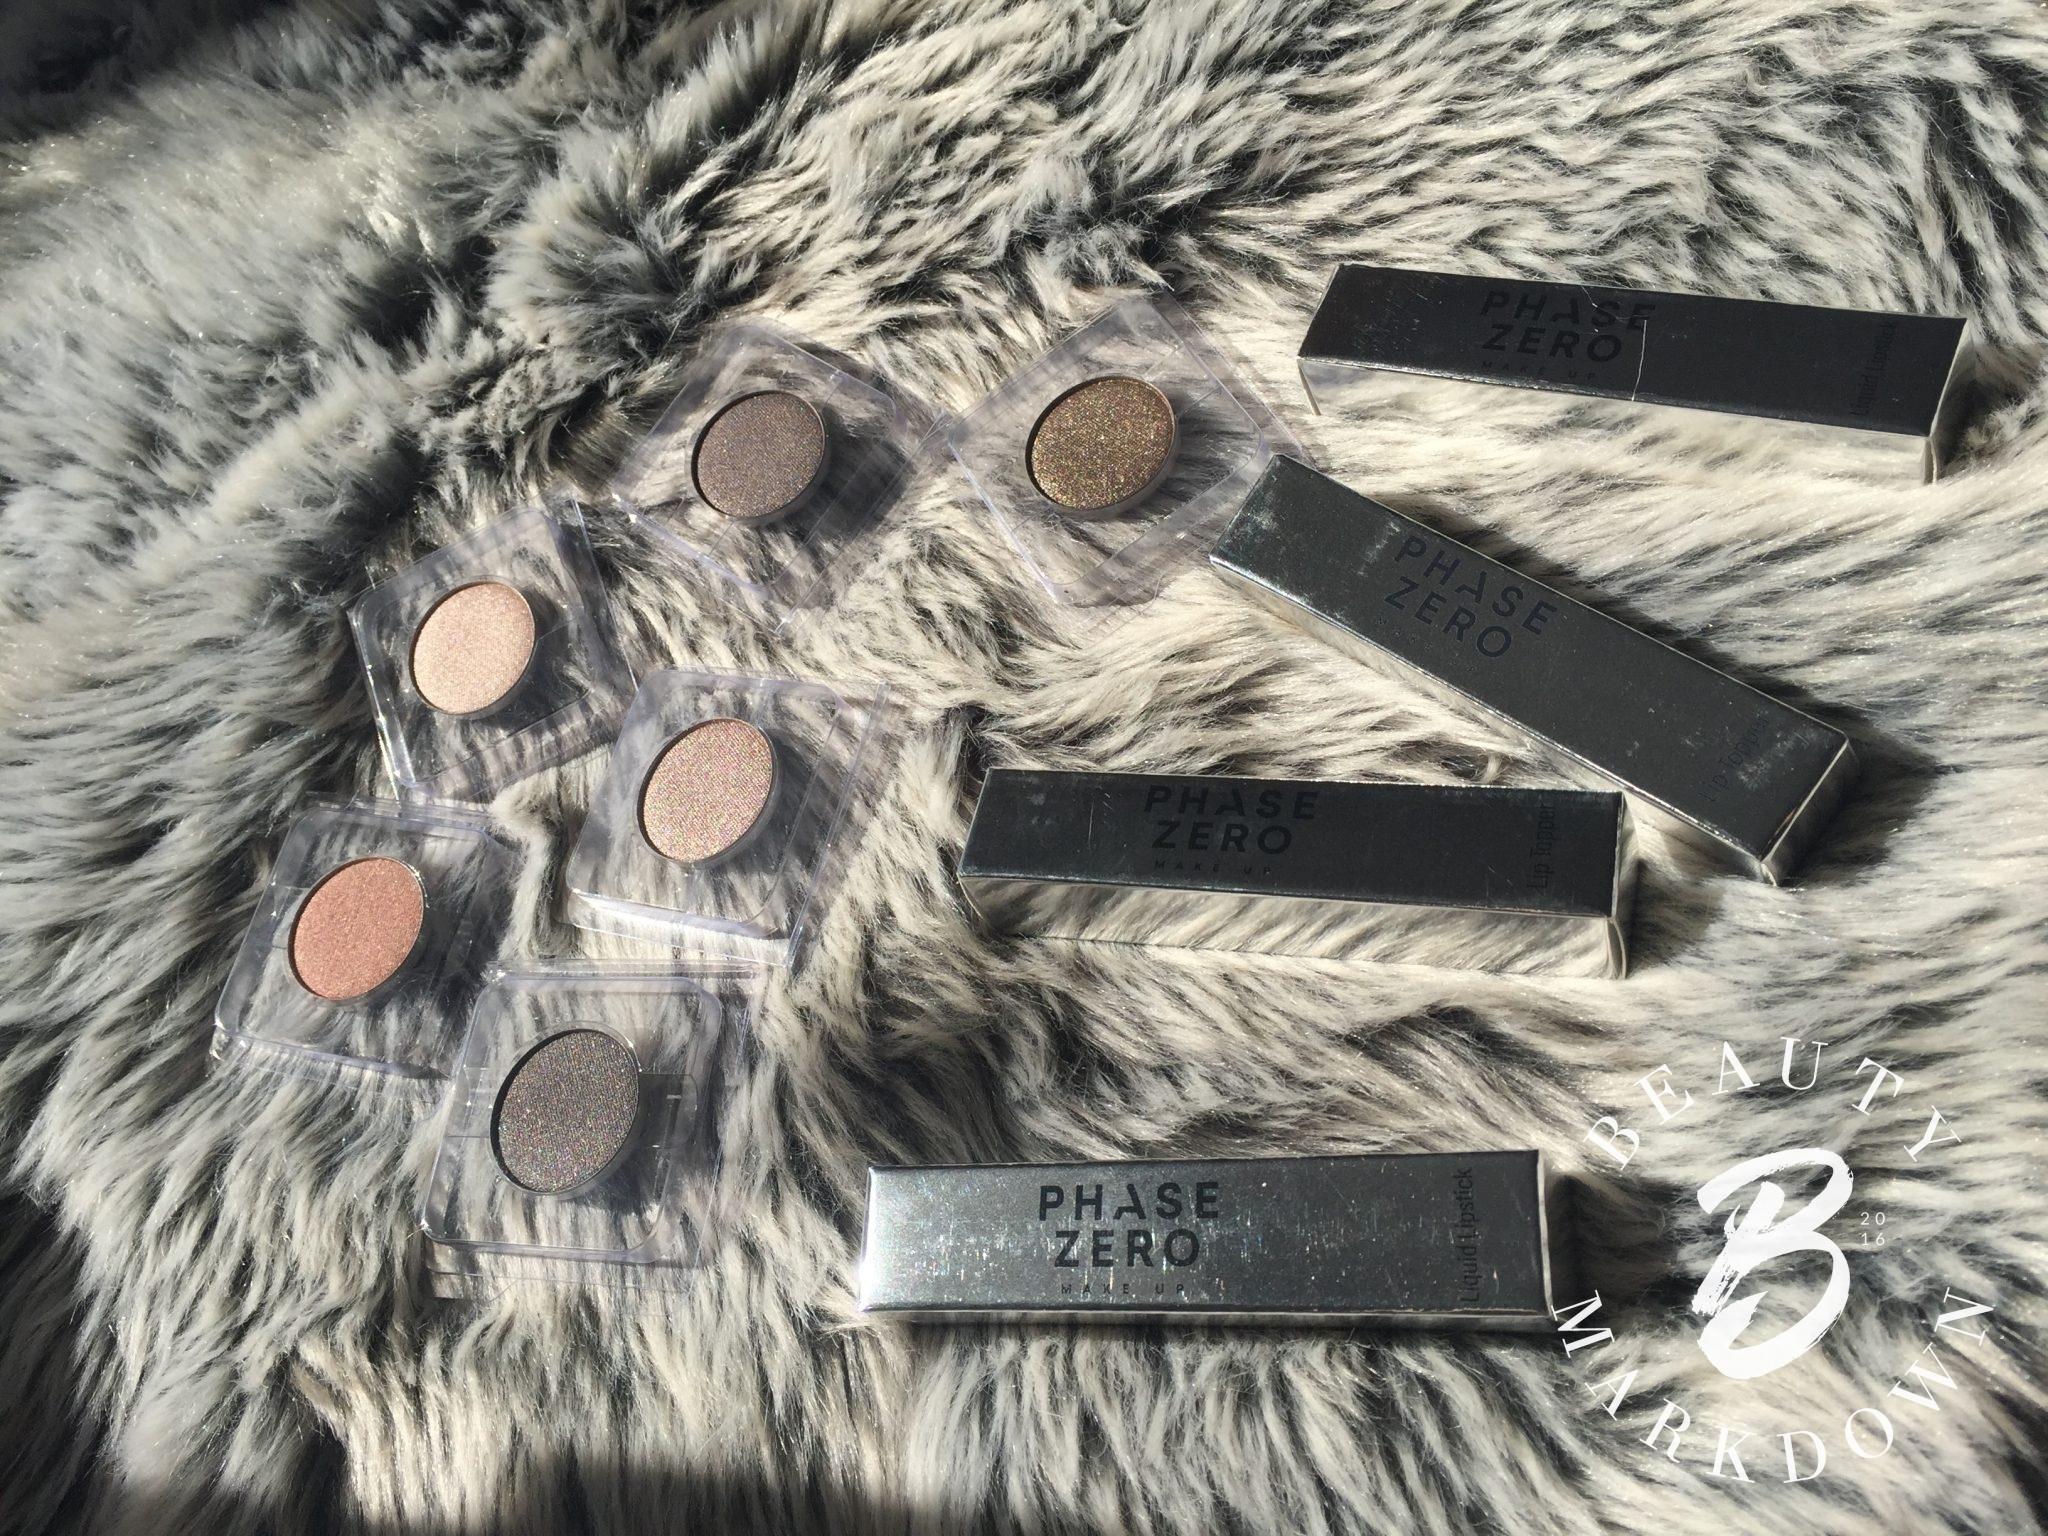 phase zero boxed lipsticks and eye shadows